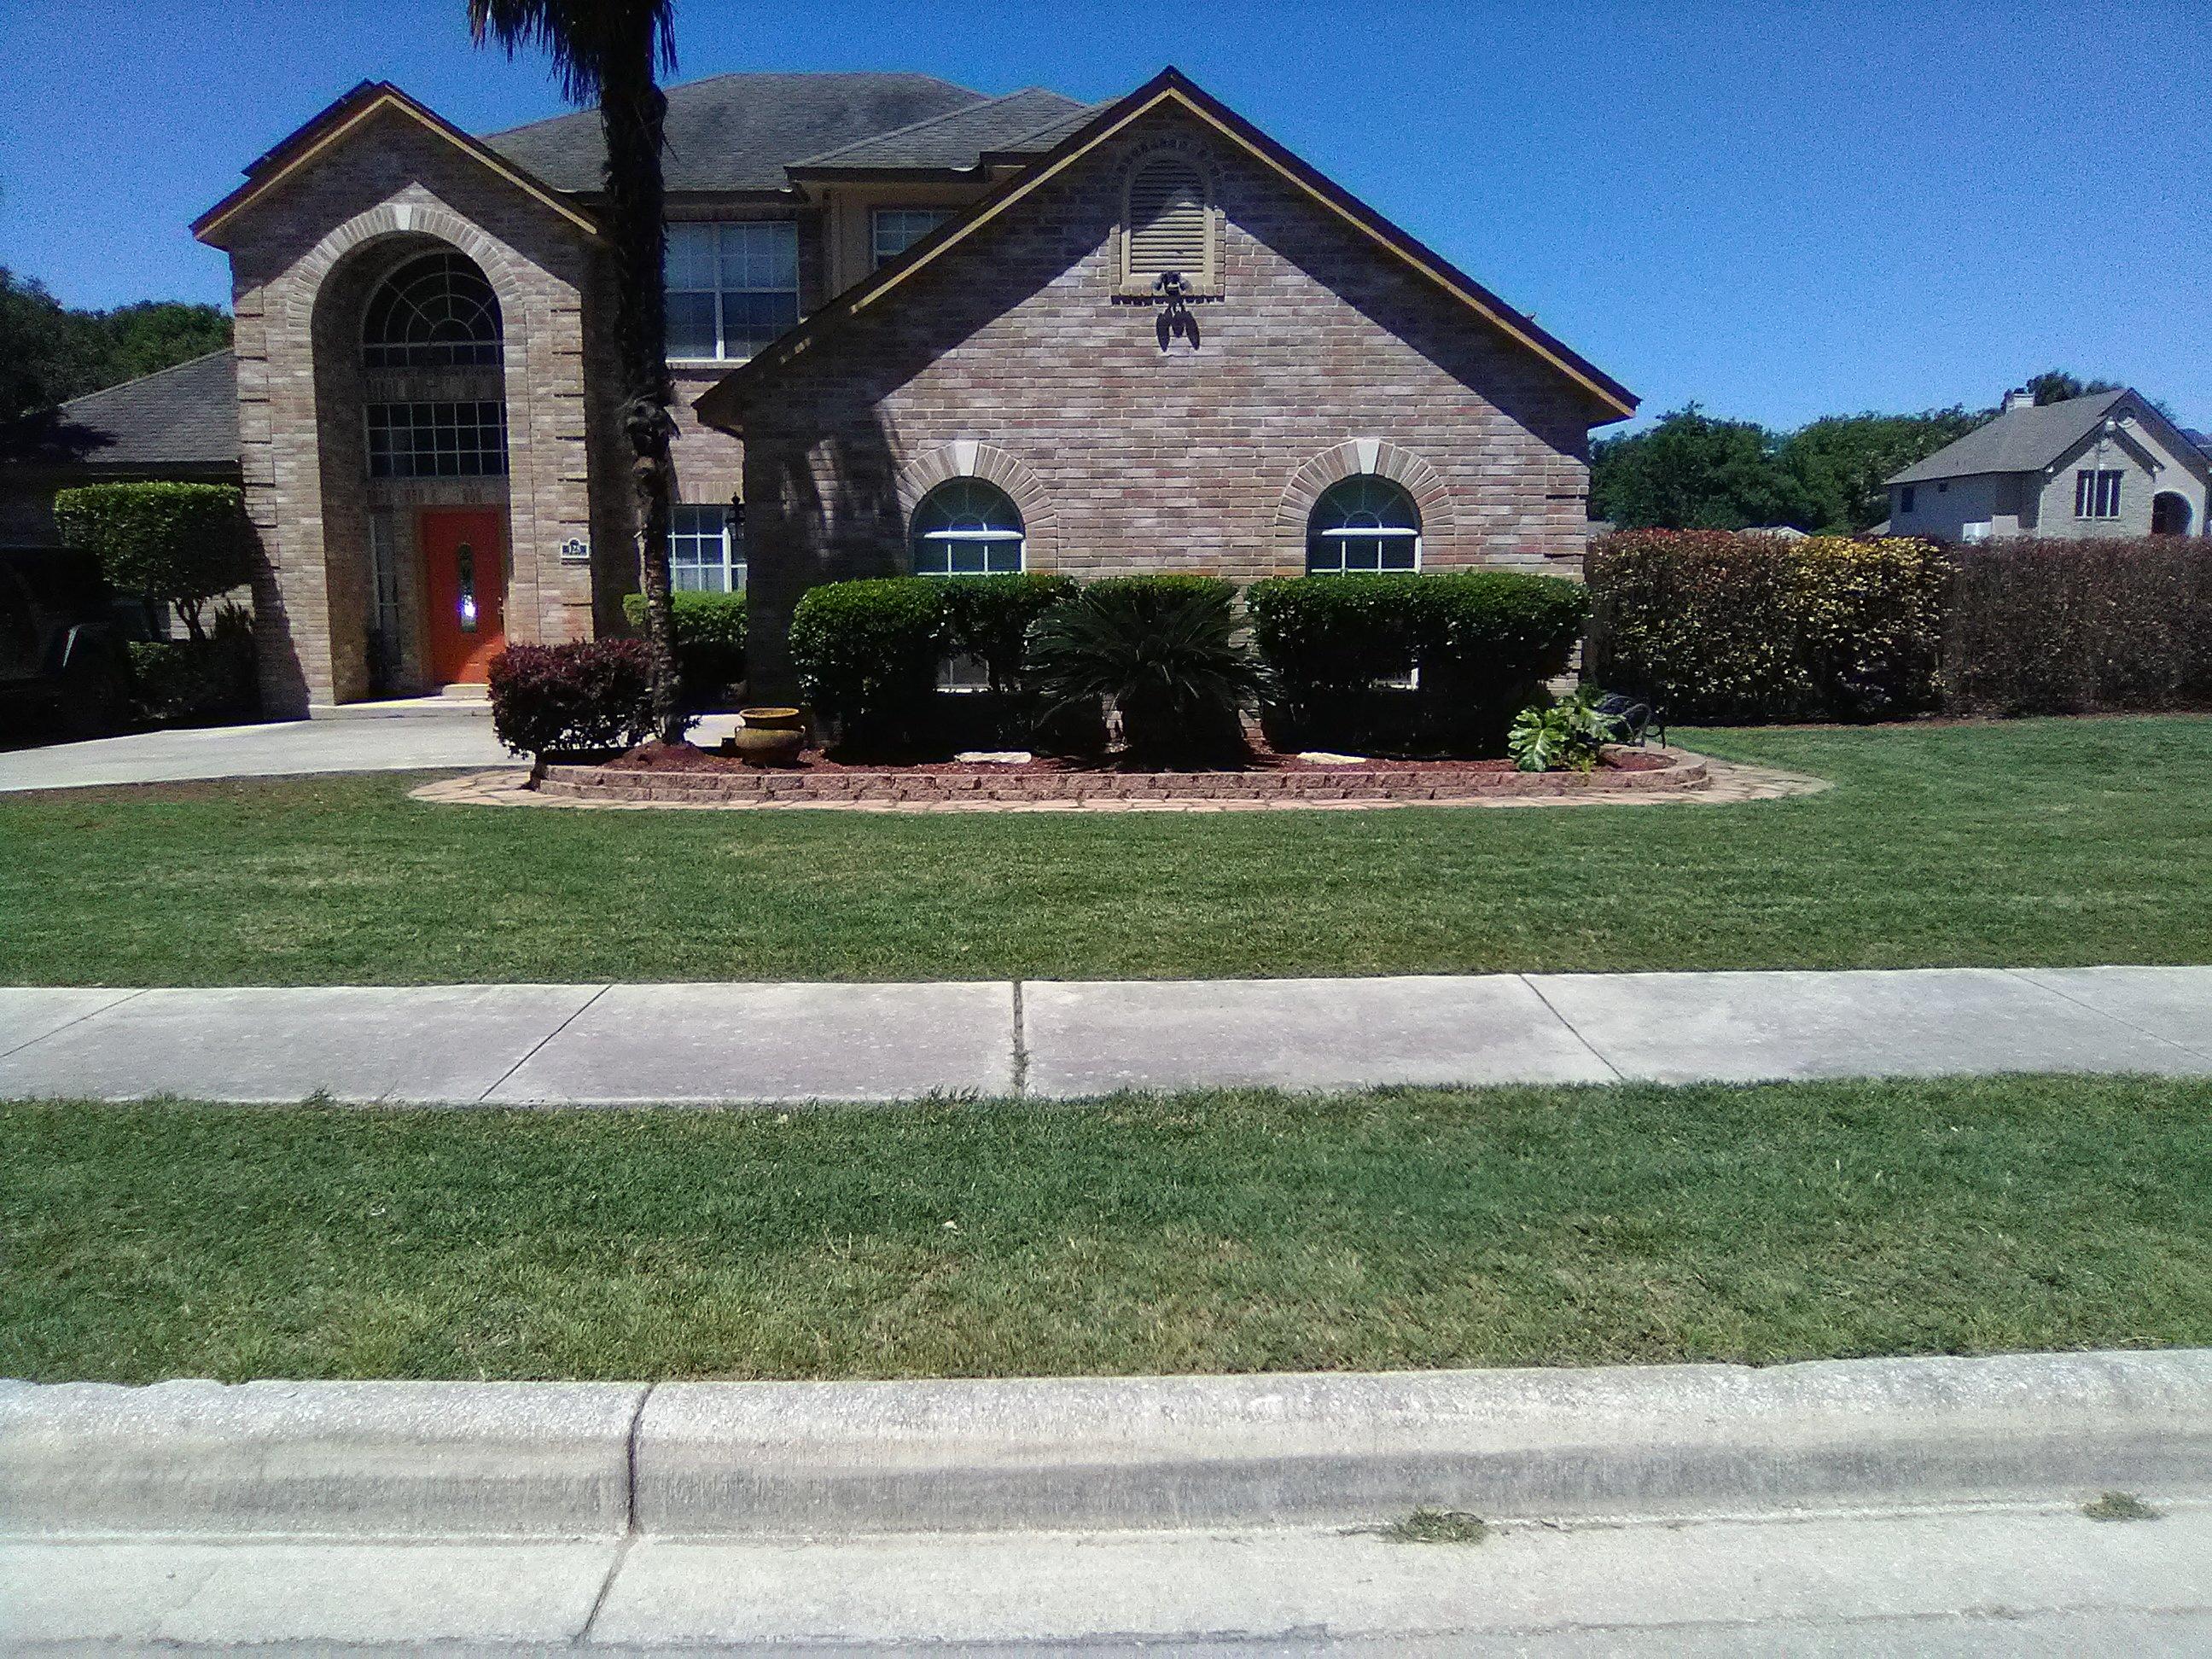 Yard mowing company in San Antonio, TX, 78221